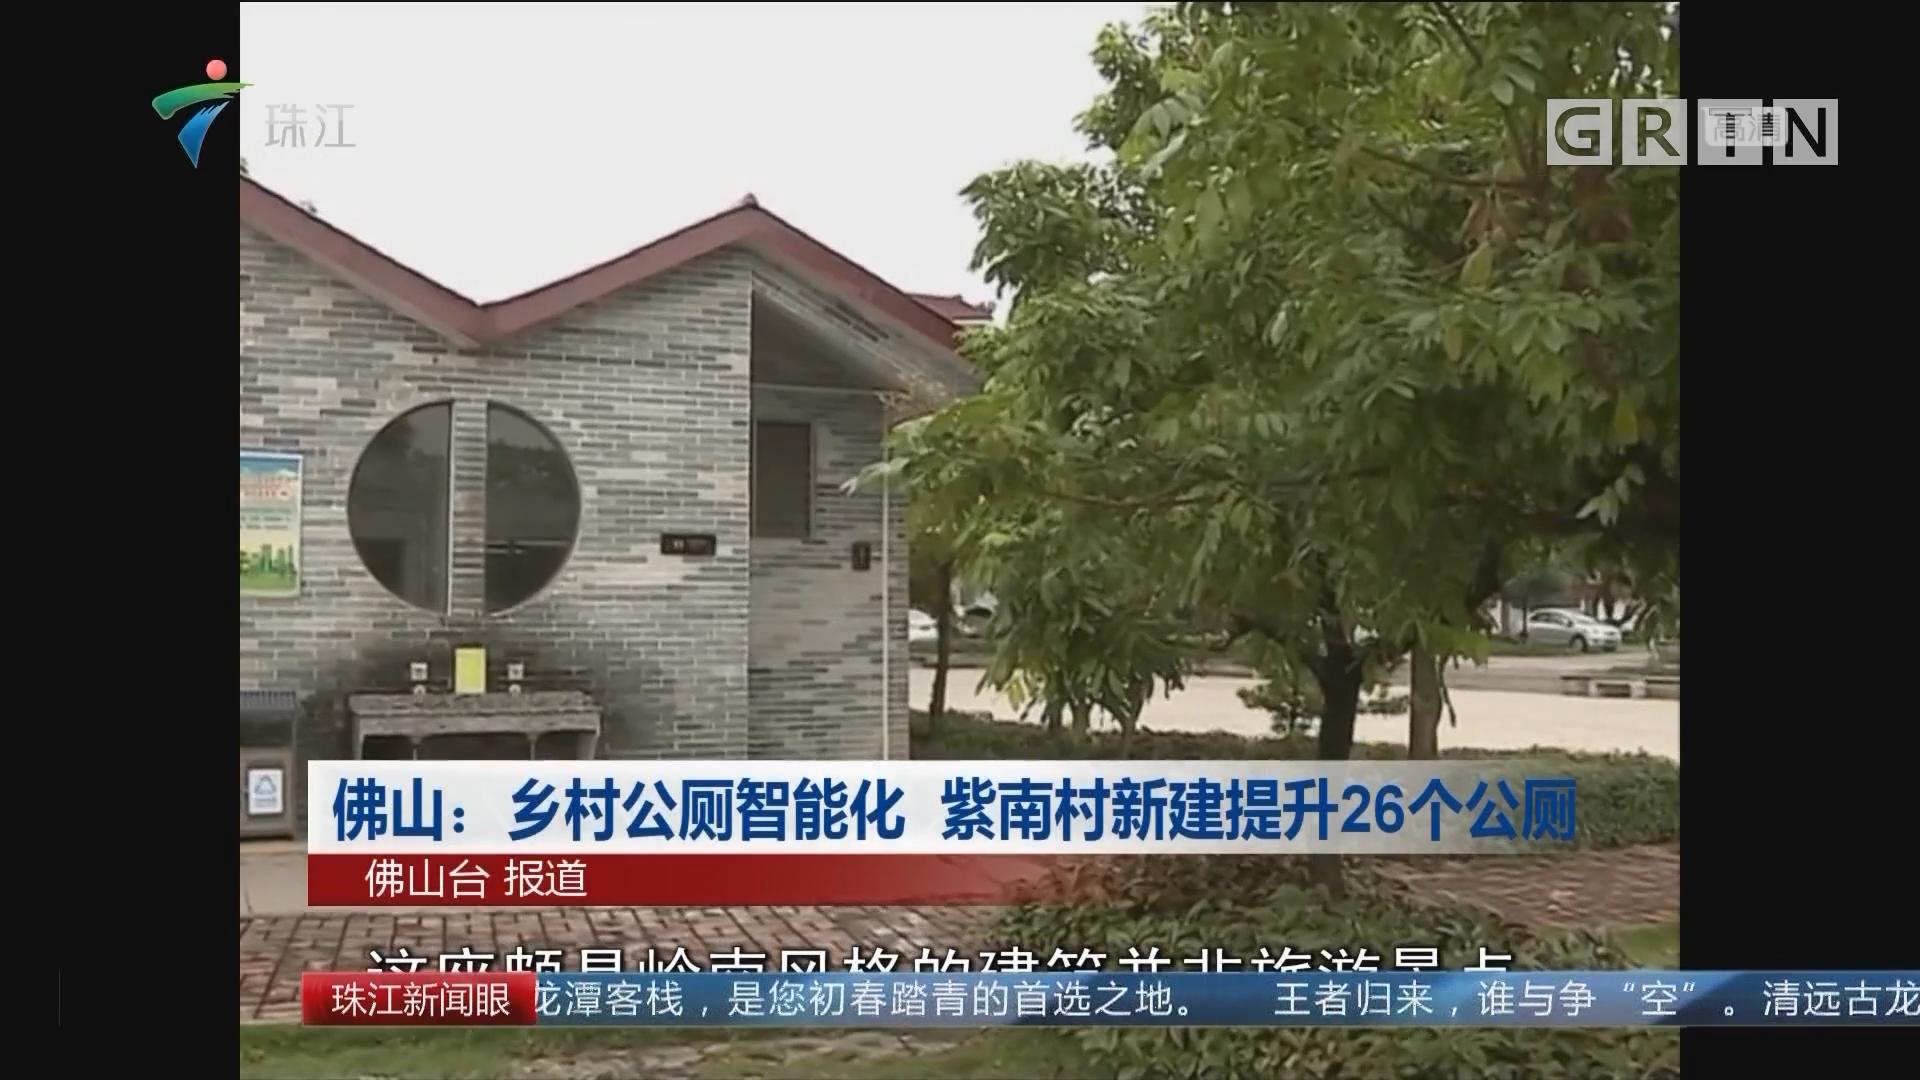 佛山:乡村公厕智能化 紫南村新建提升26个公厕